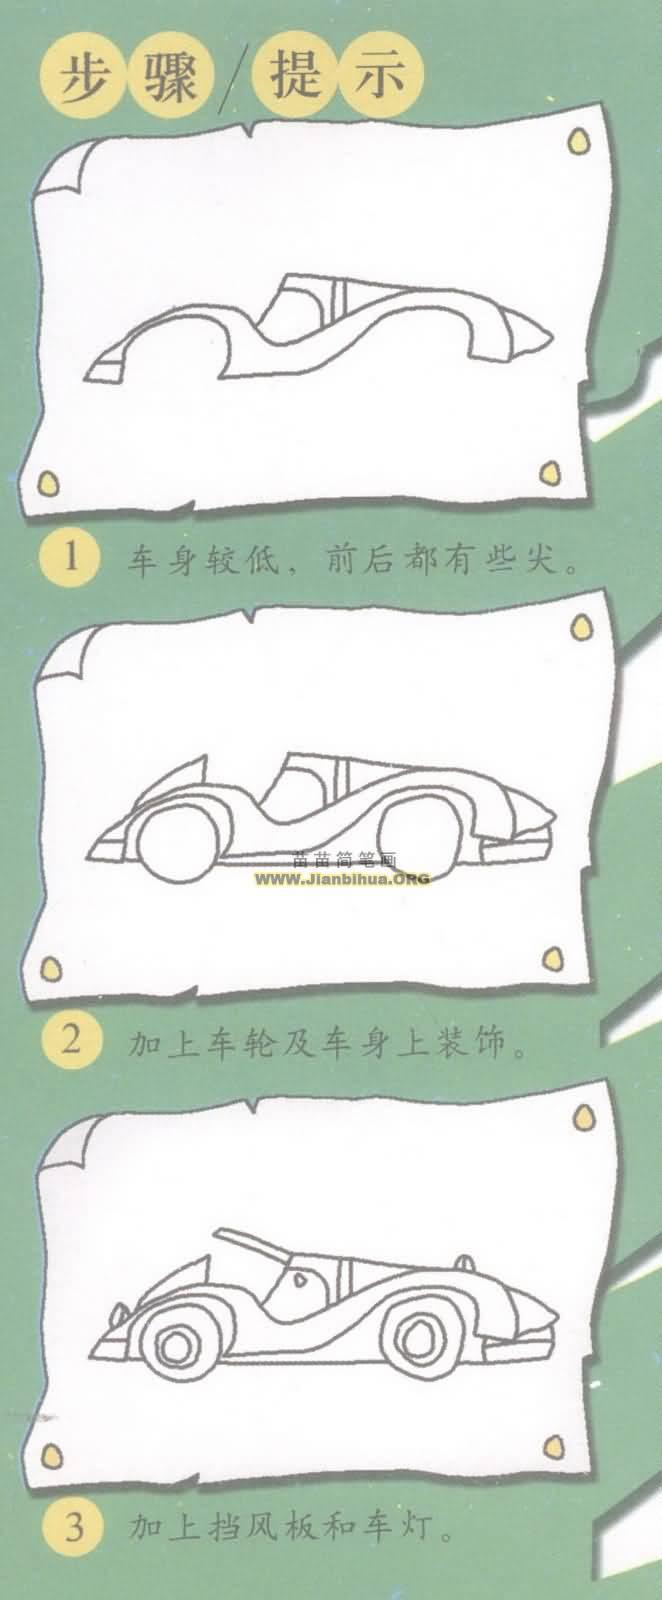 跑车简笔画图片教程高清图片